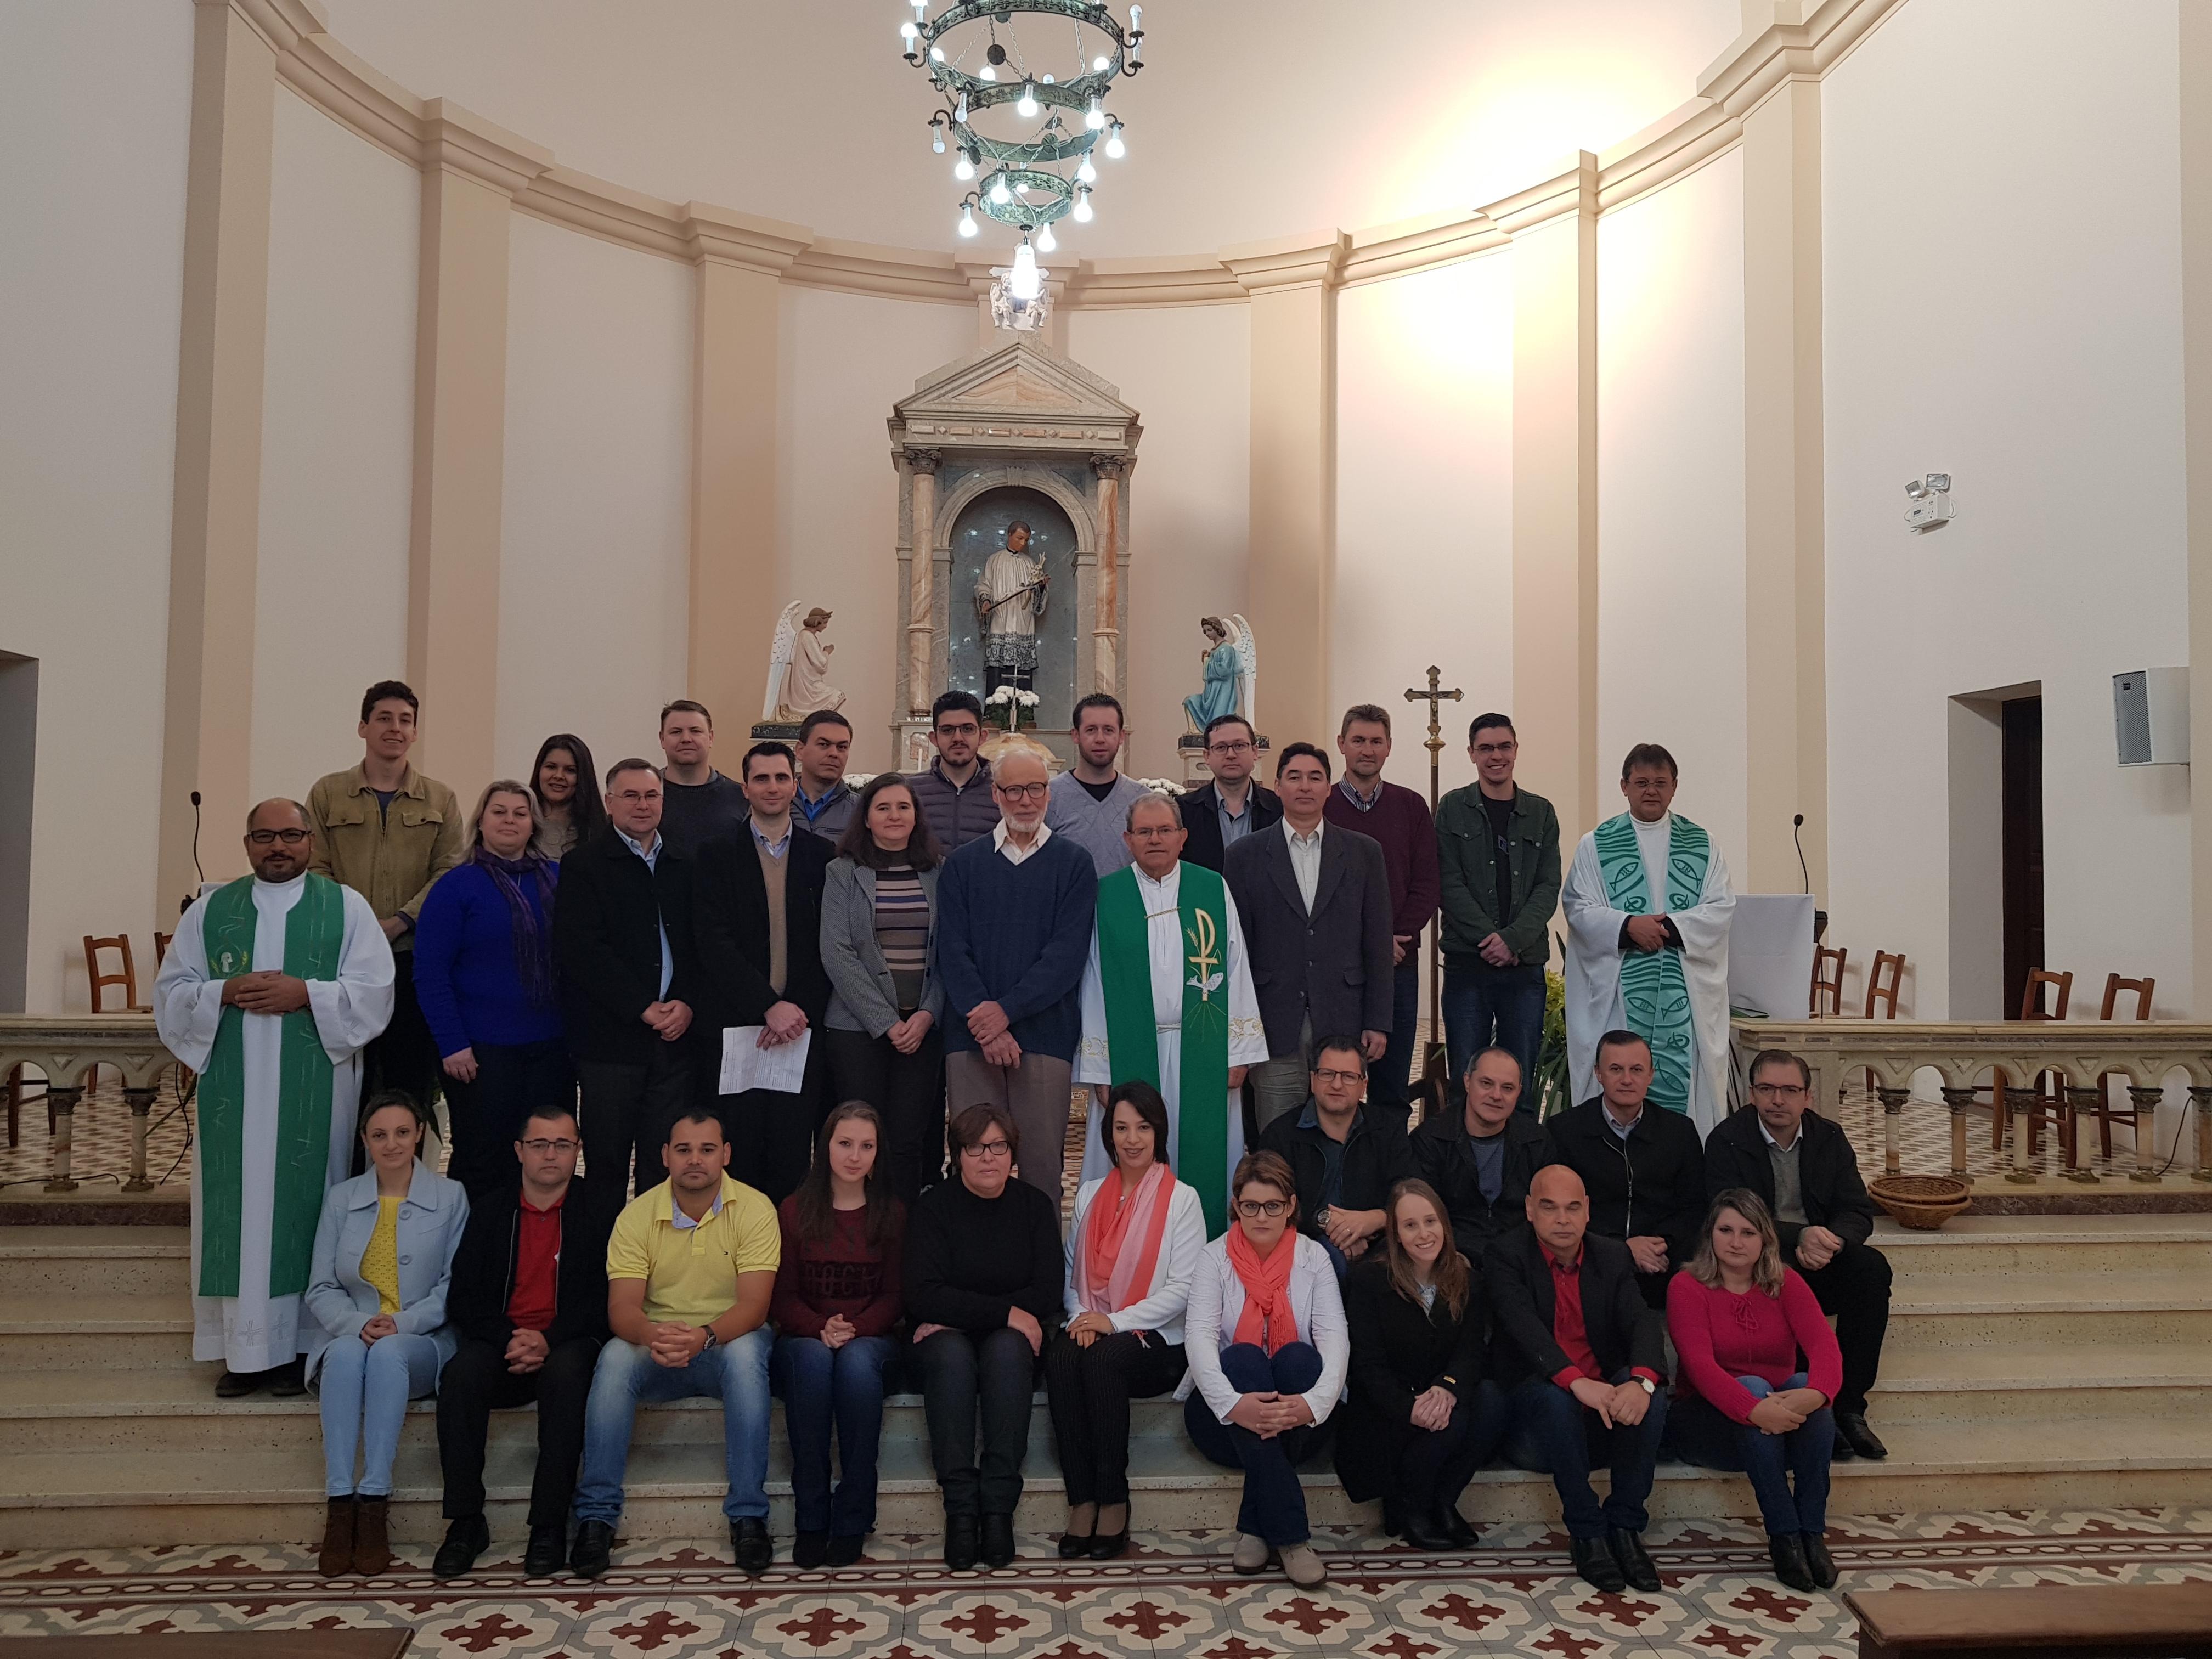 REUNIÃO DOS ADMINISTRADORES DA SÃO CAMILO REGIONAL SUL / JUNHO 2018